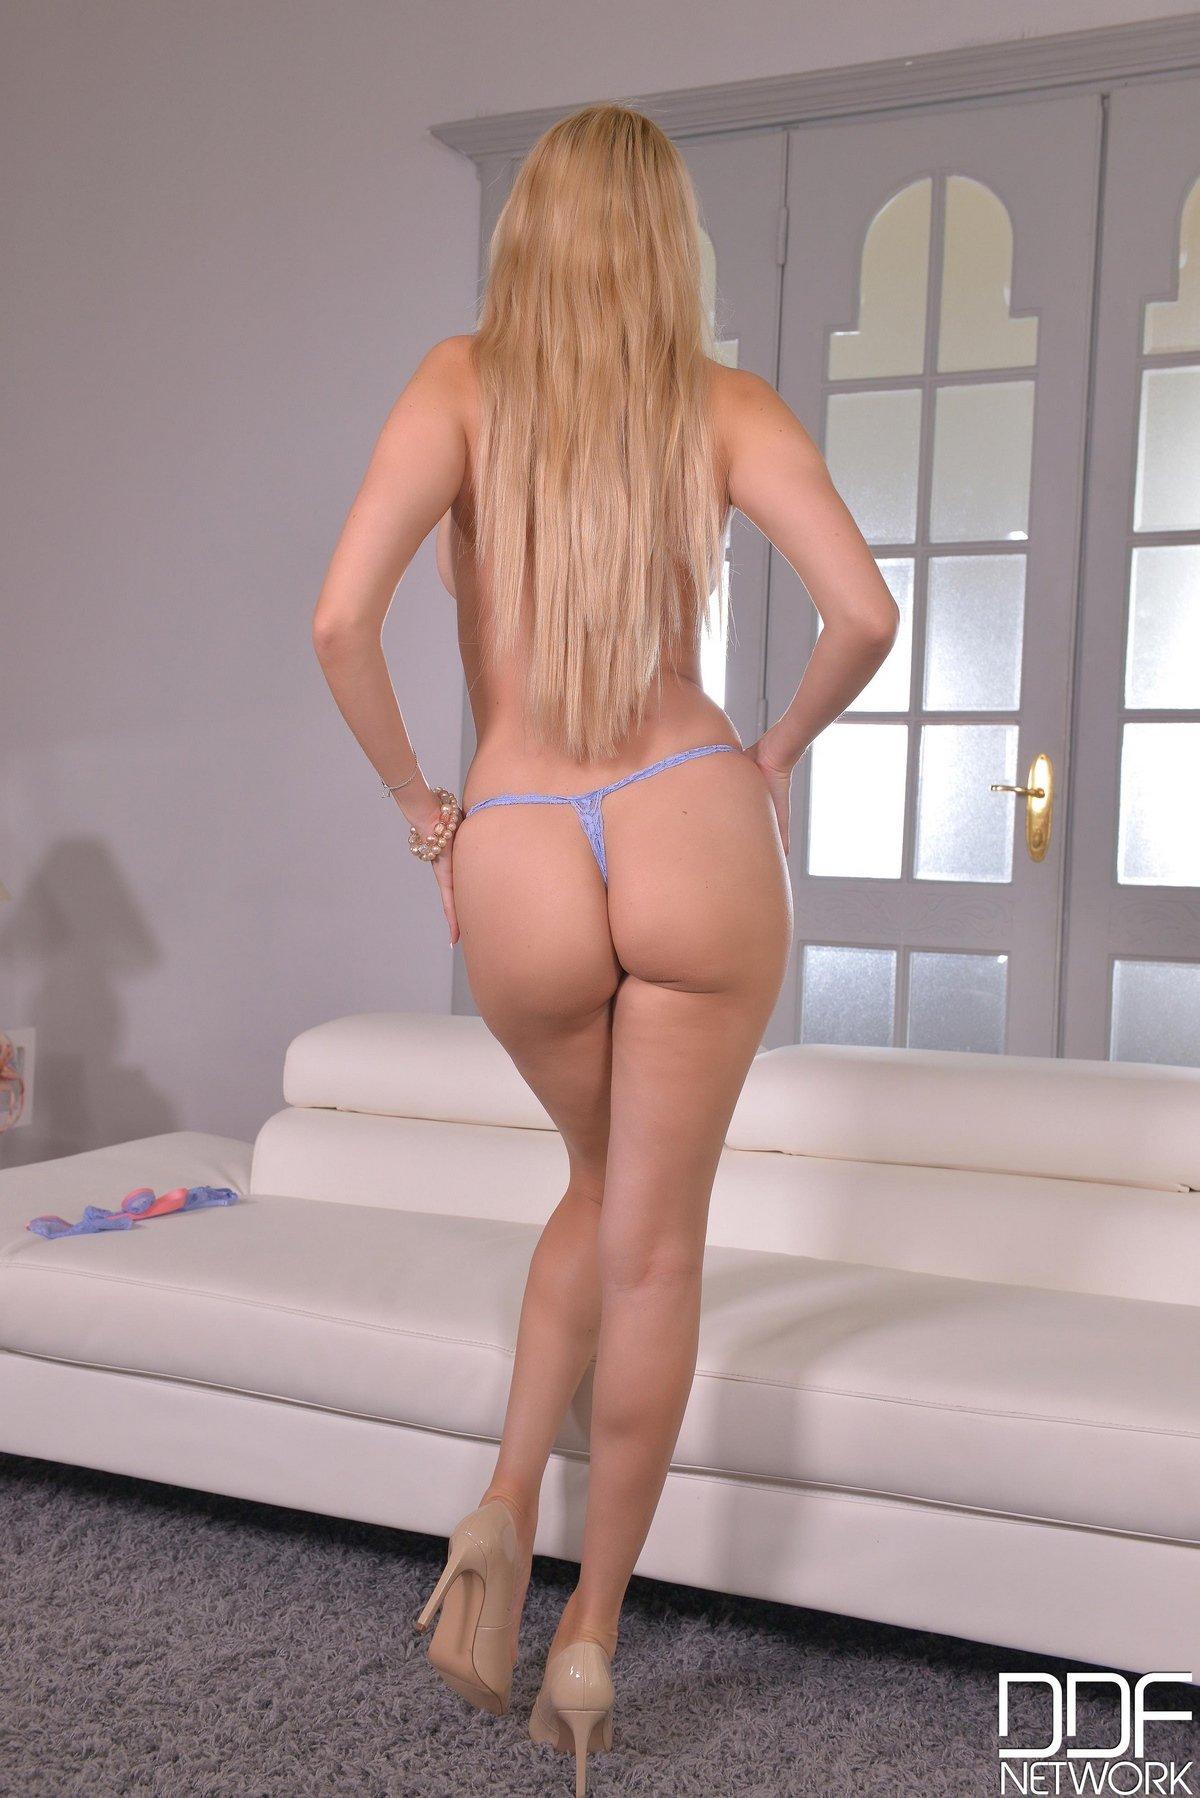 Няшка блонди с красивыми сиськами смотреть эротику